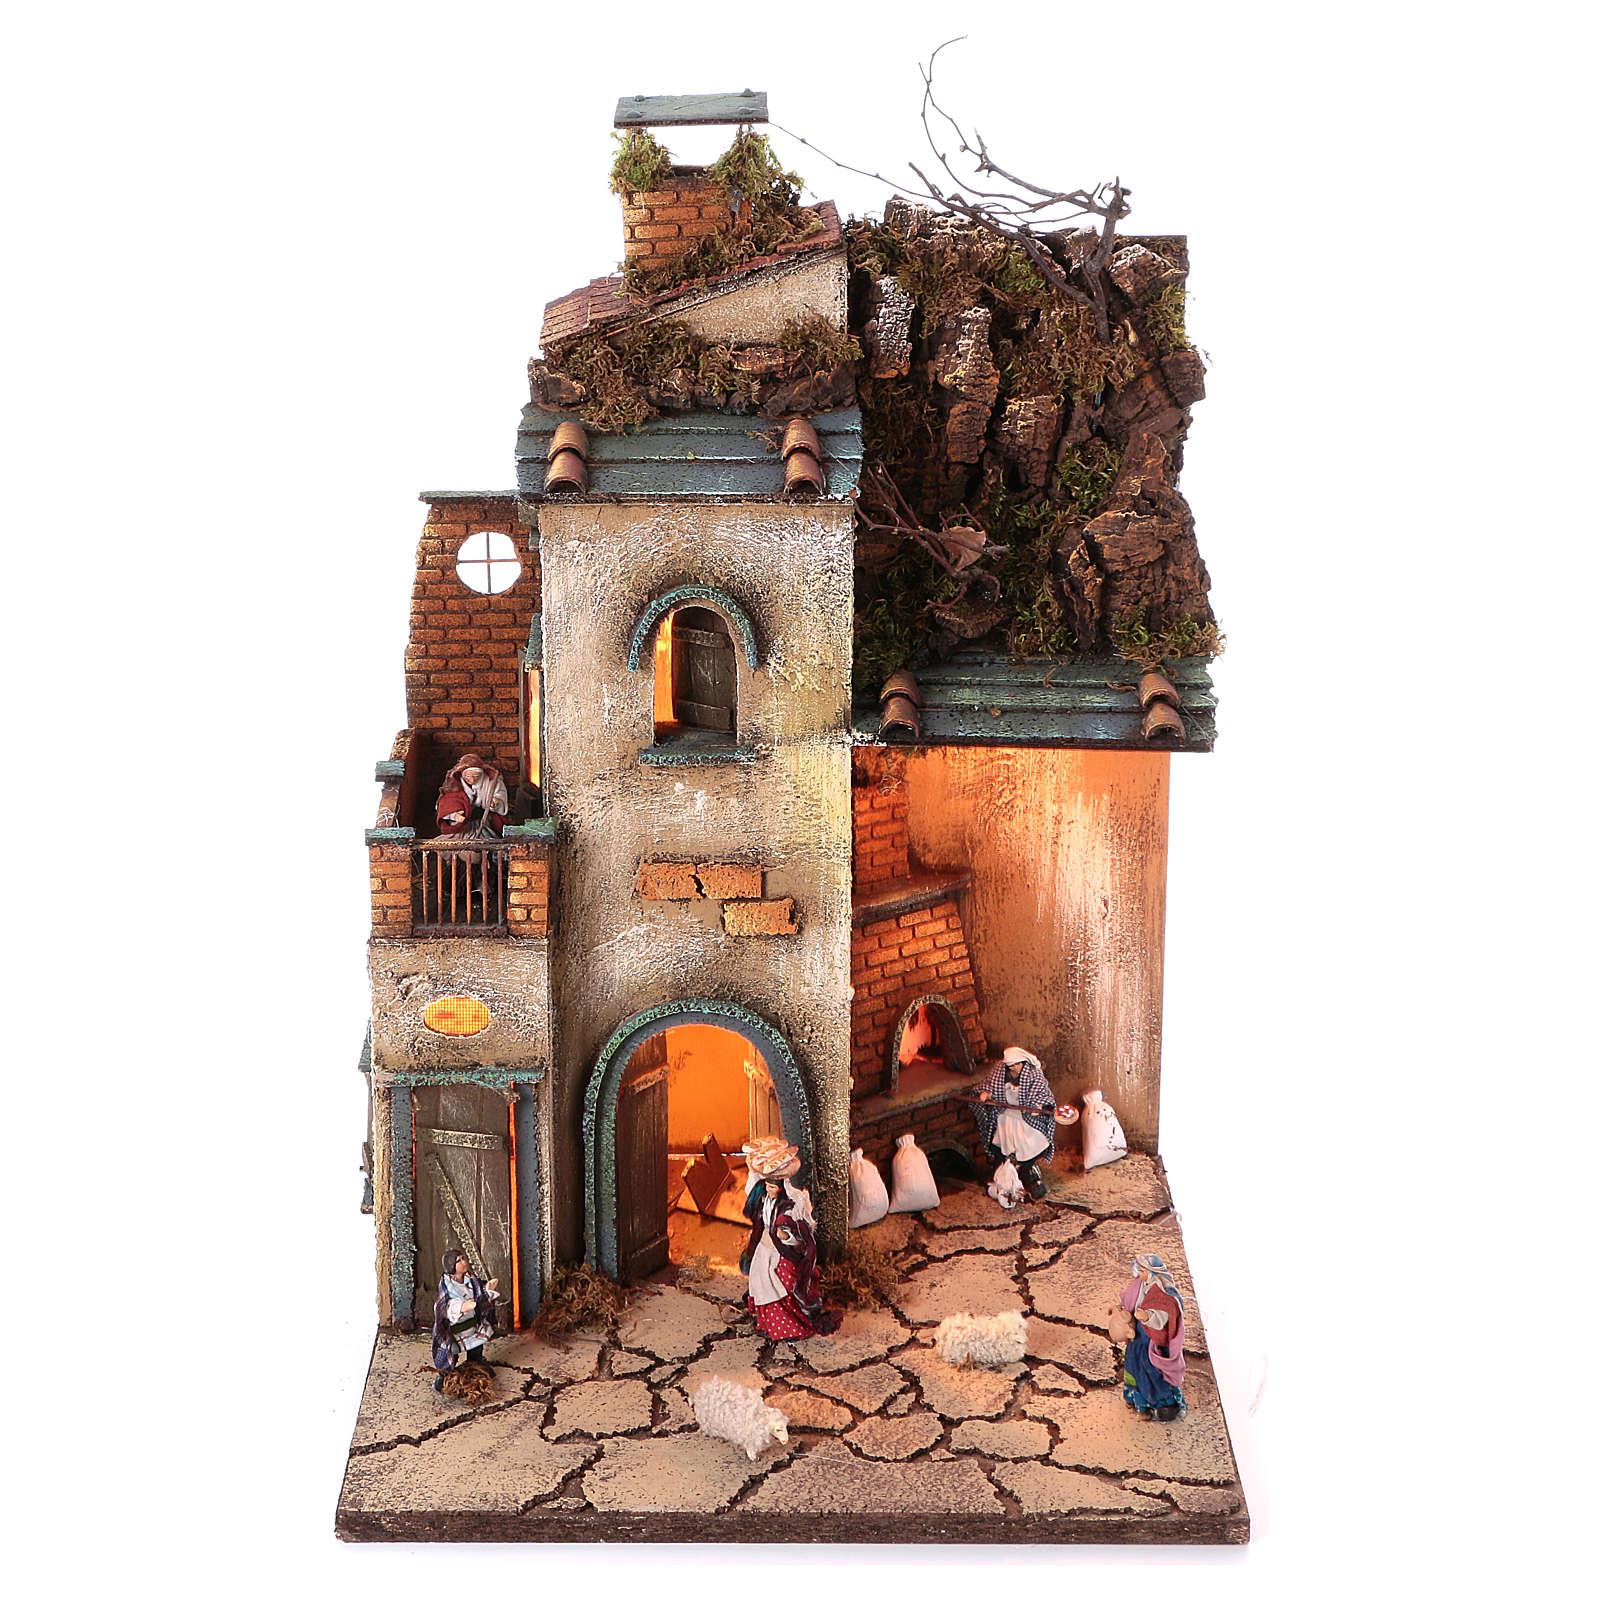 Borgo presepe napoletano forno VERO FUMO 55x40x40 cm modulo 4 4